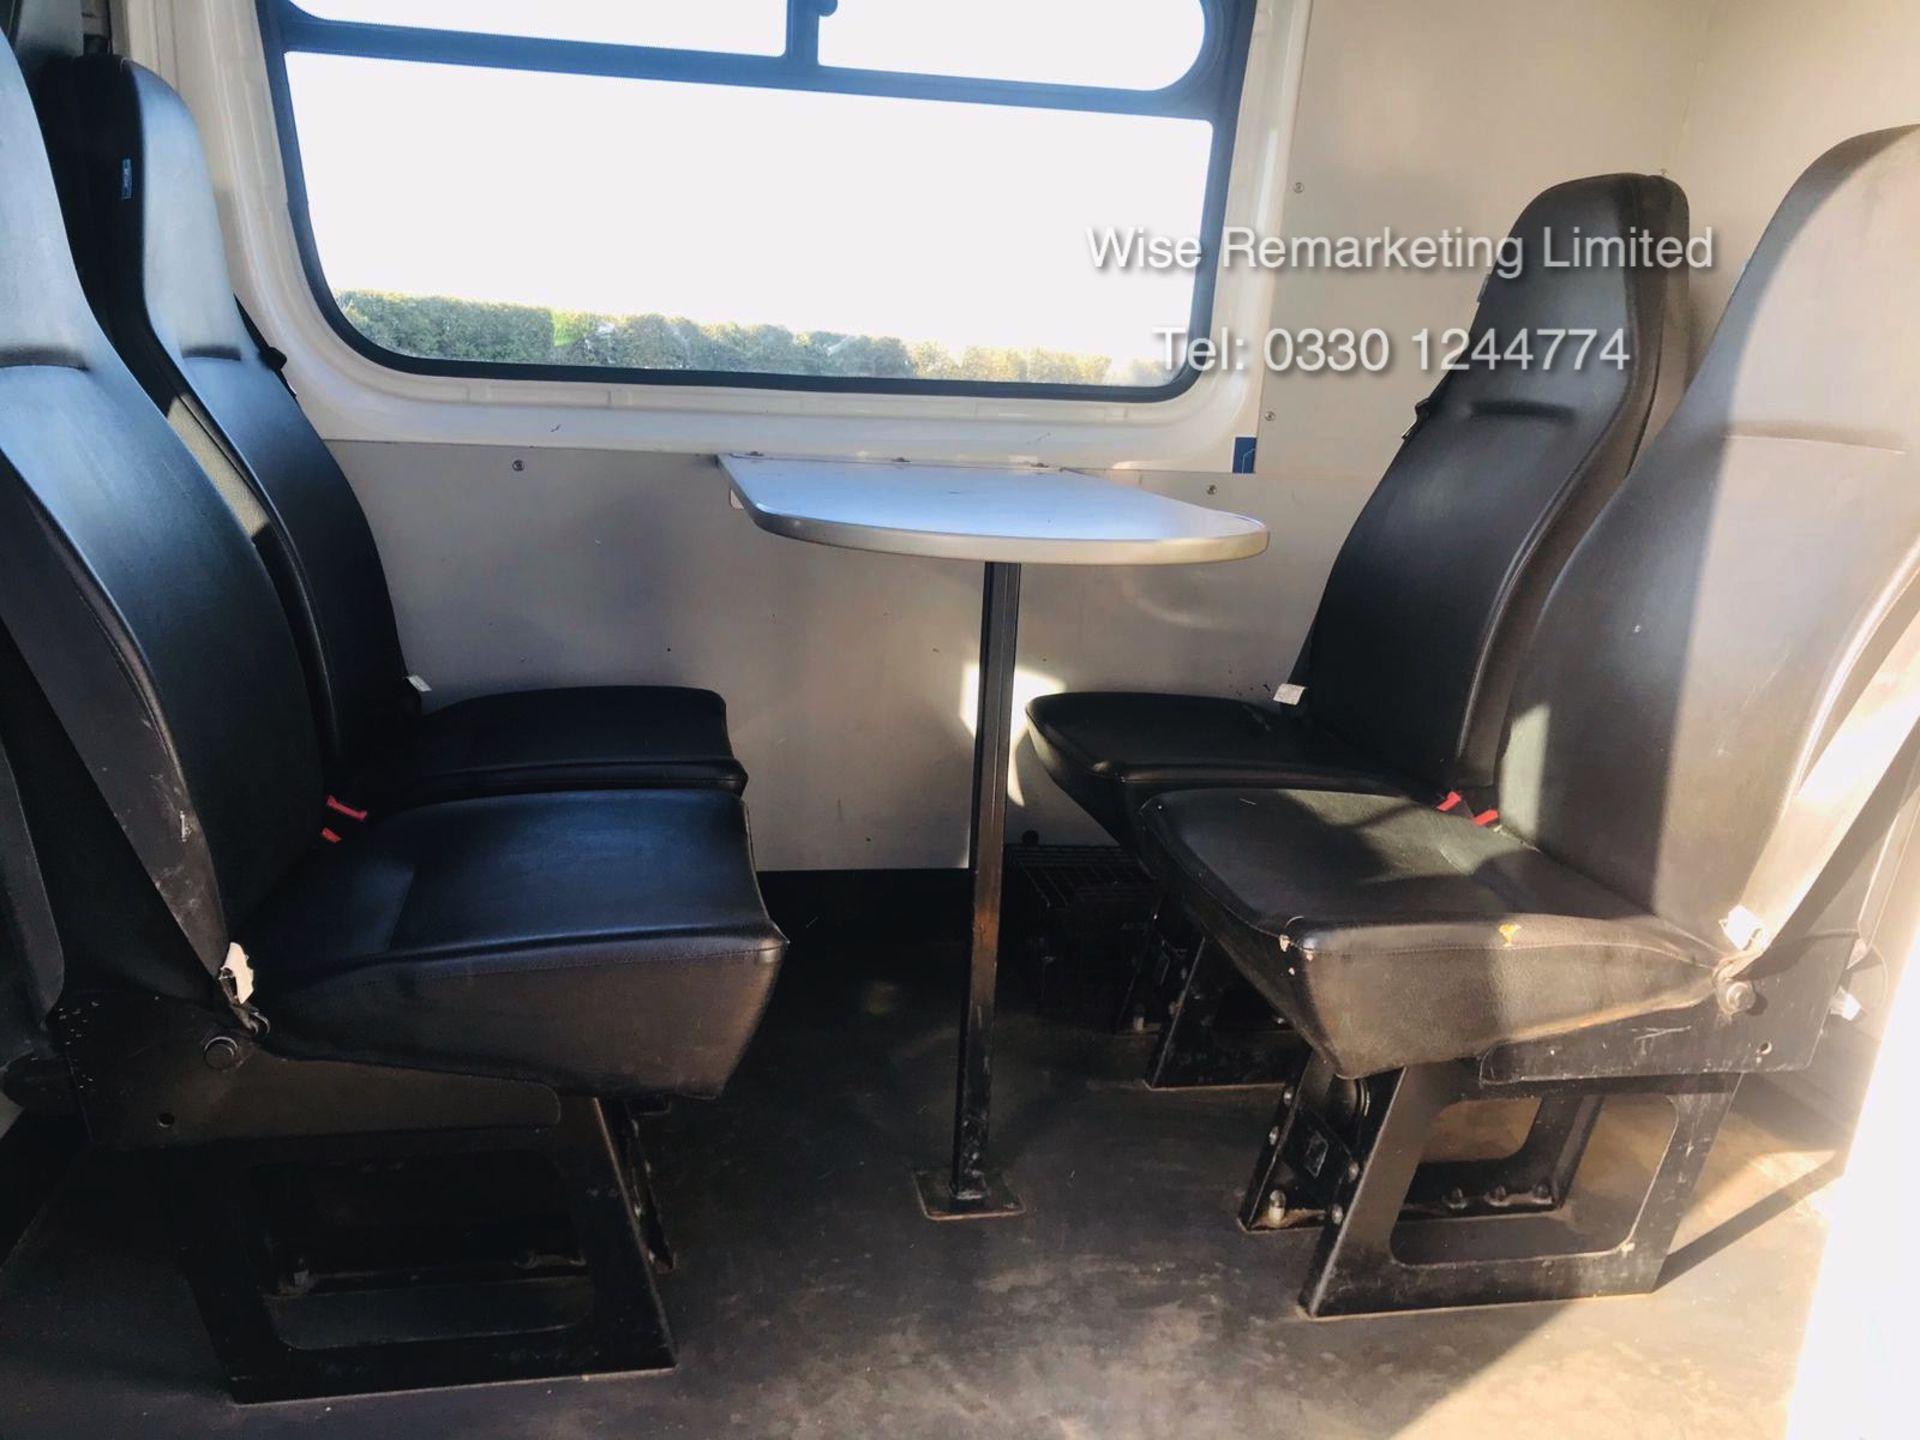 Lot 12 - Volkswagen Crafter 2.0 TDI **8 Seater Messing Unit/Welfare Van** - 2013 Model - 1 Owner - Toilet